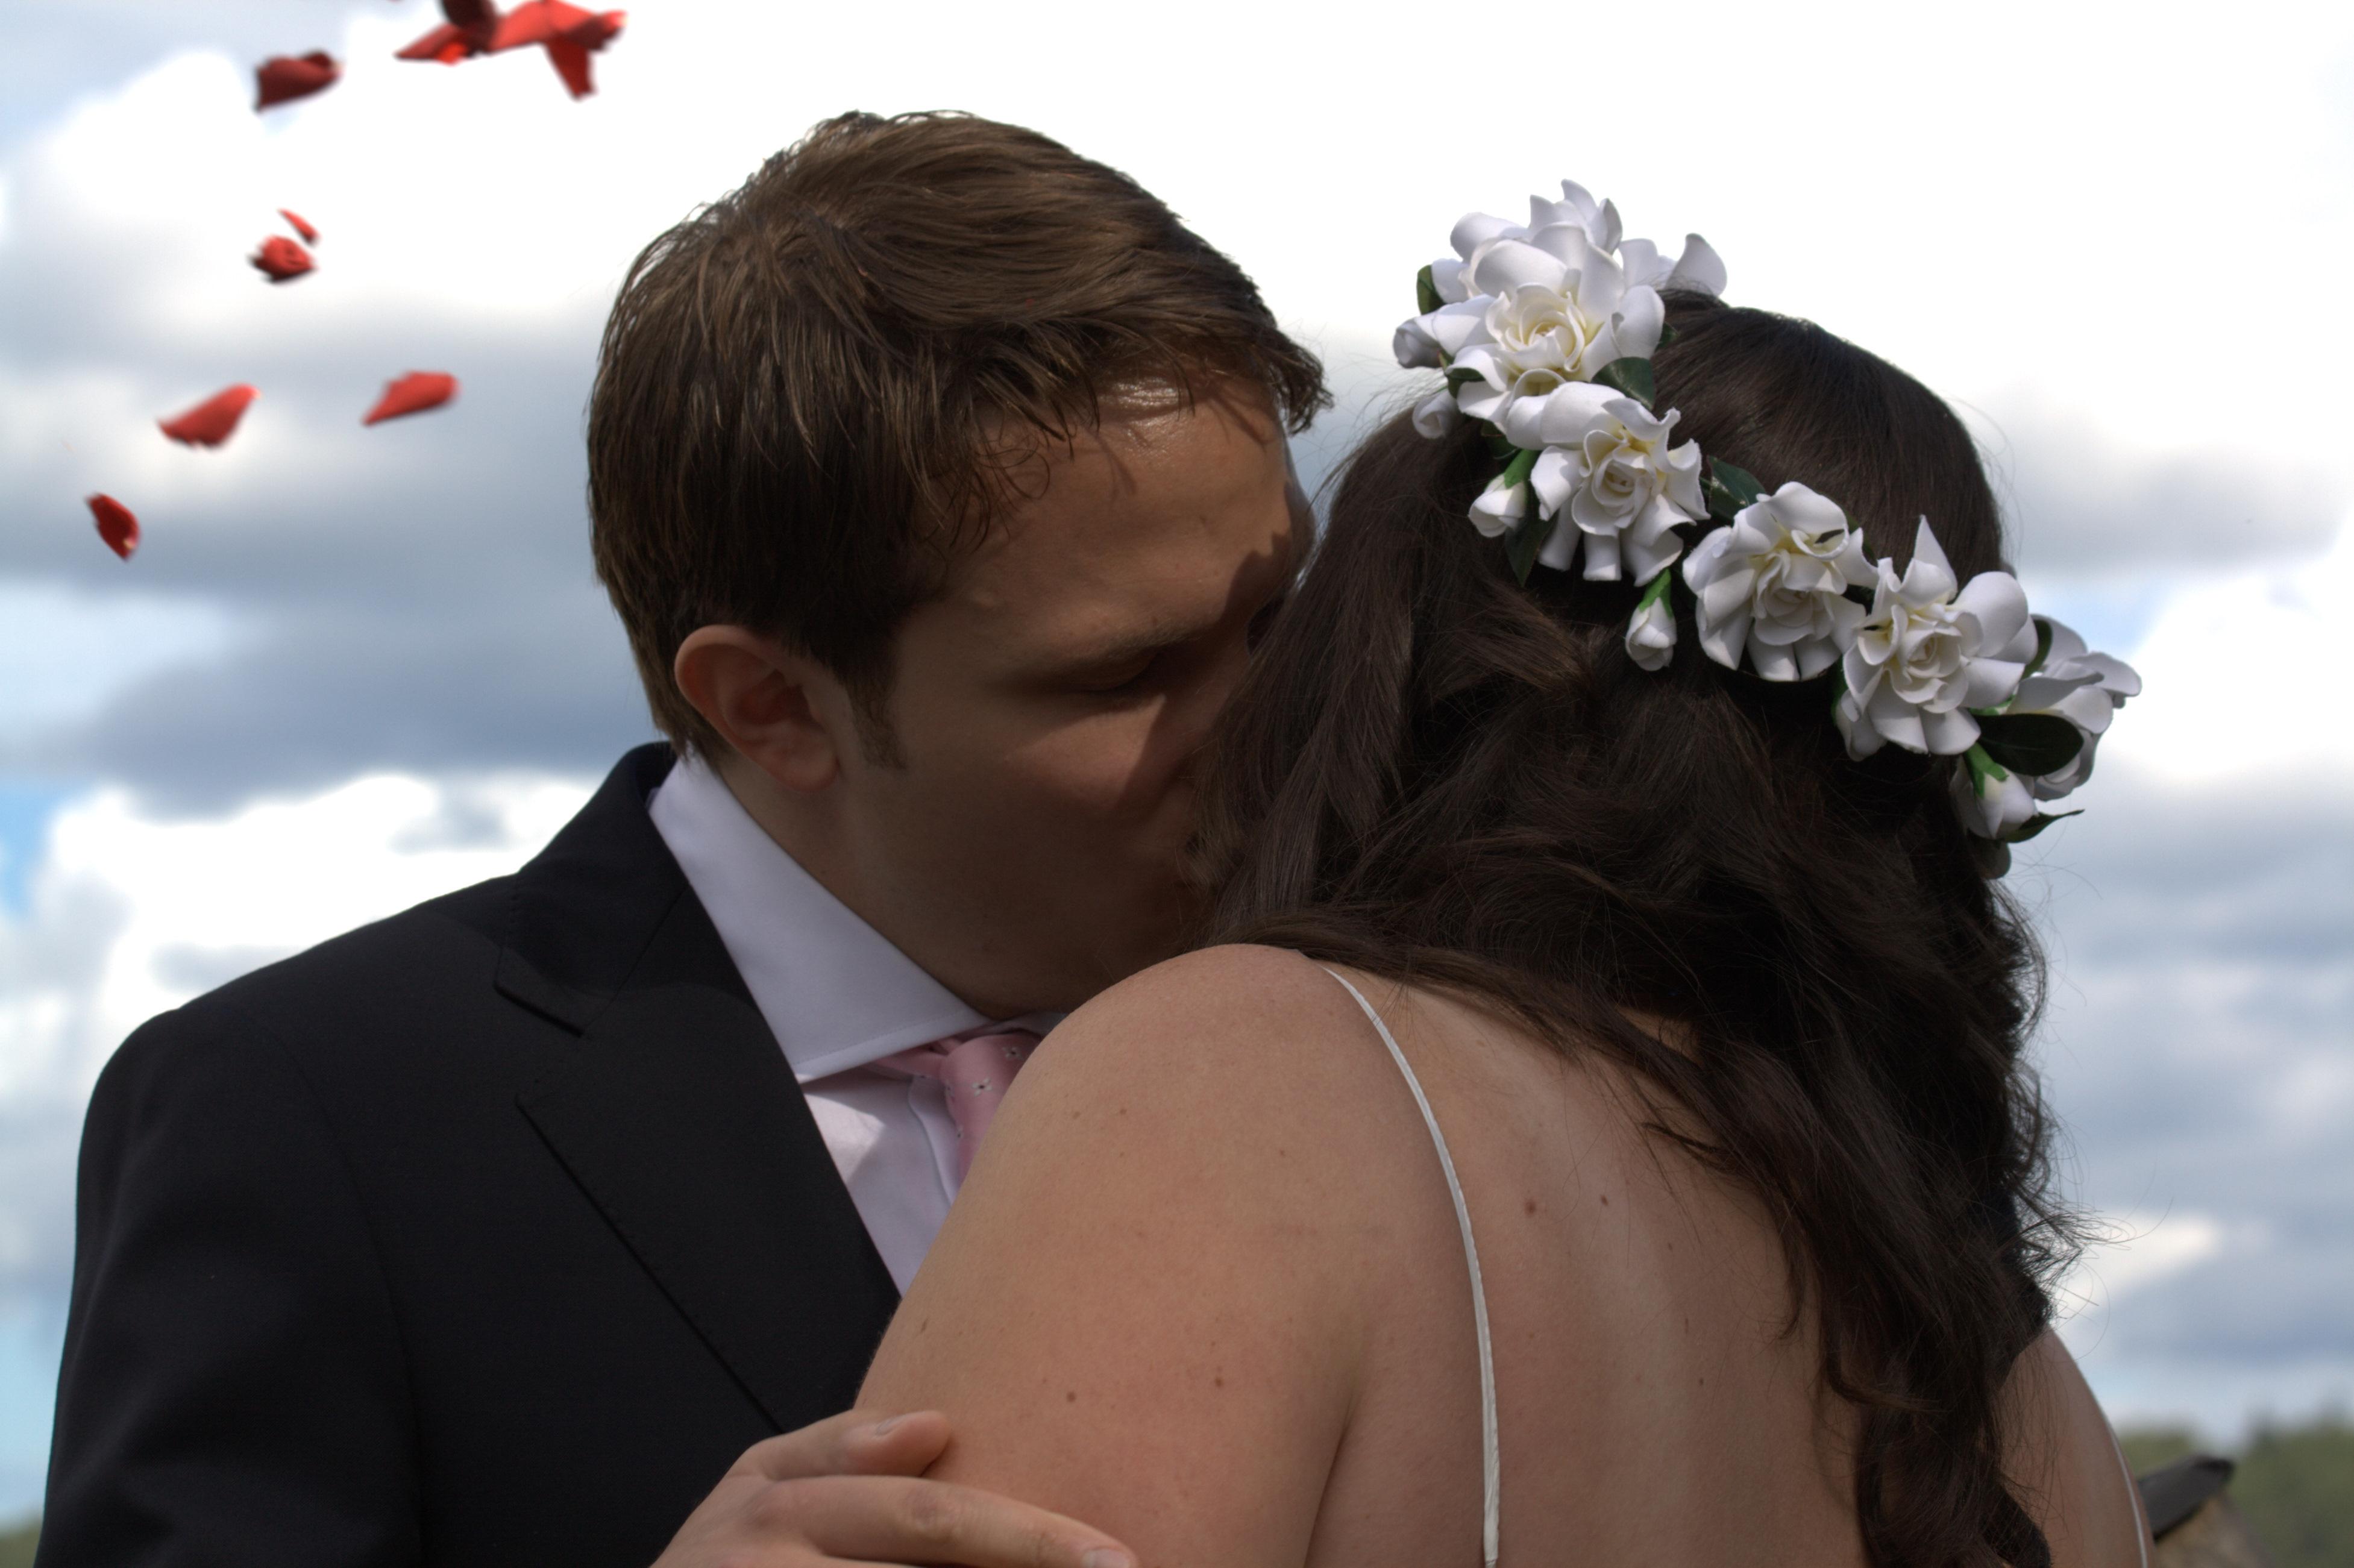 Bröllopskyssen!